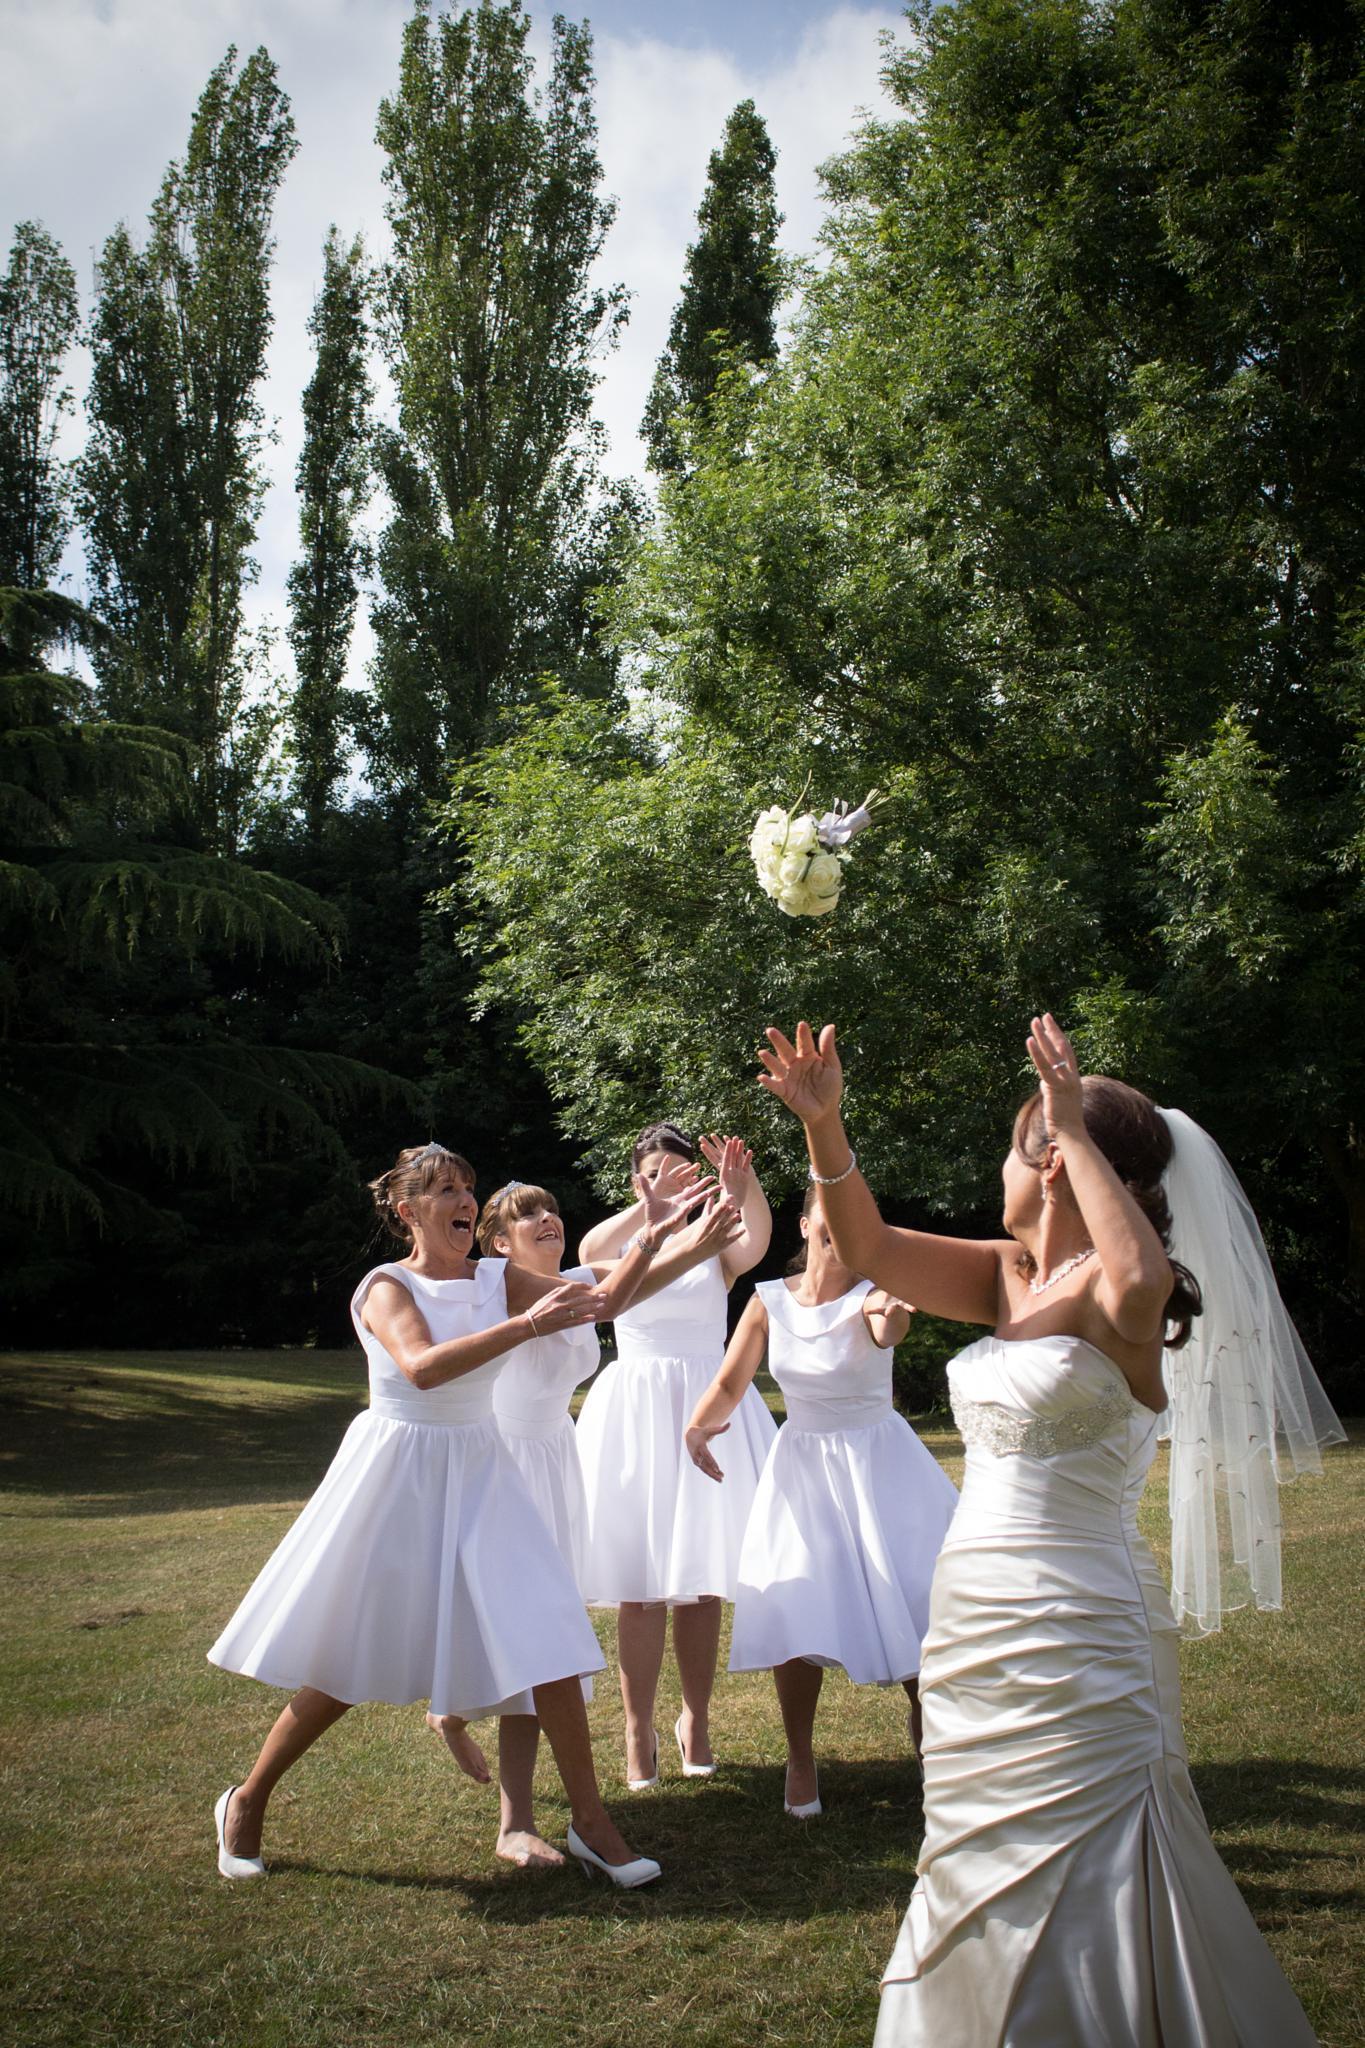 The wedding Scrum by babs@souzou.co